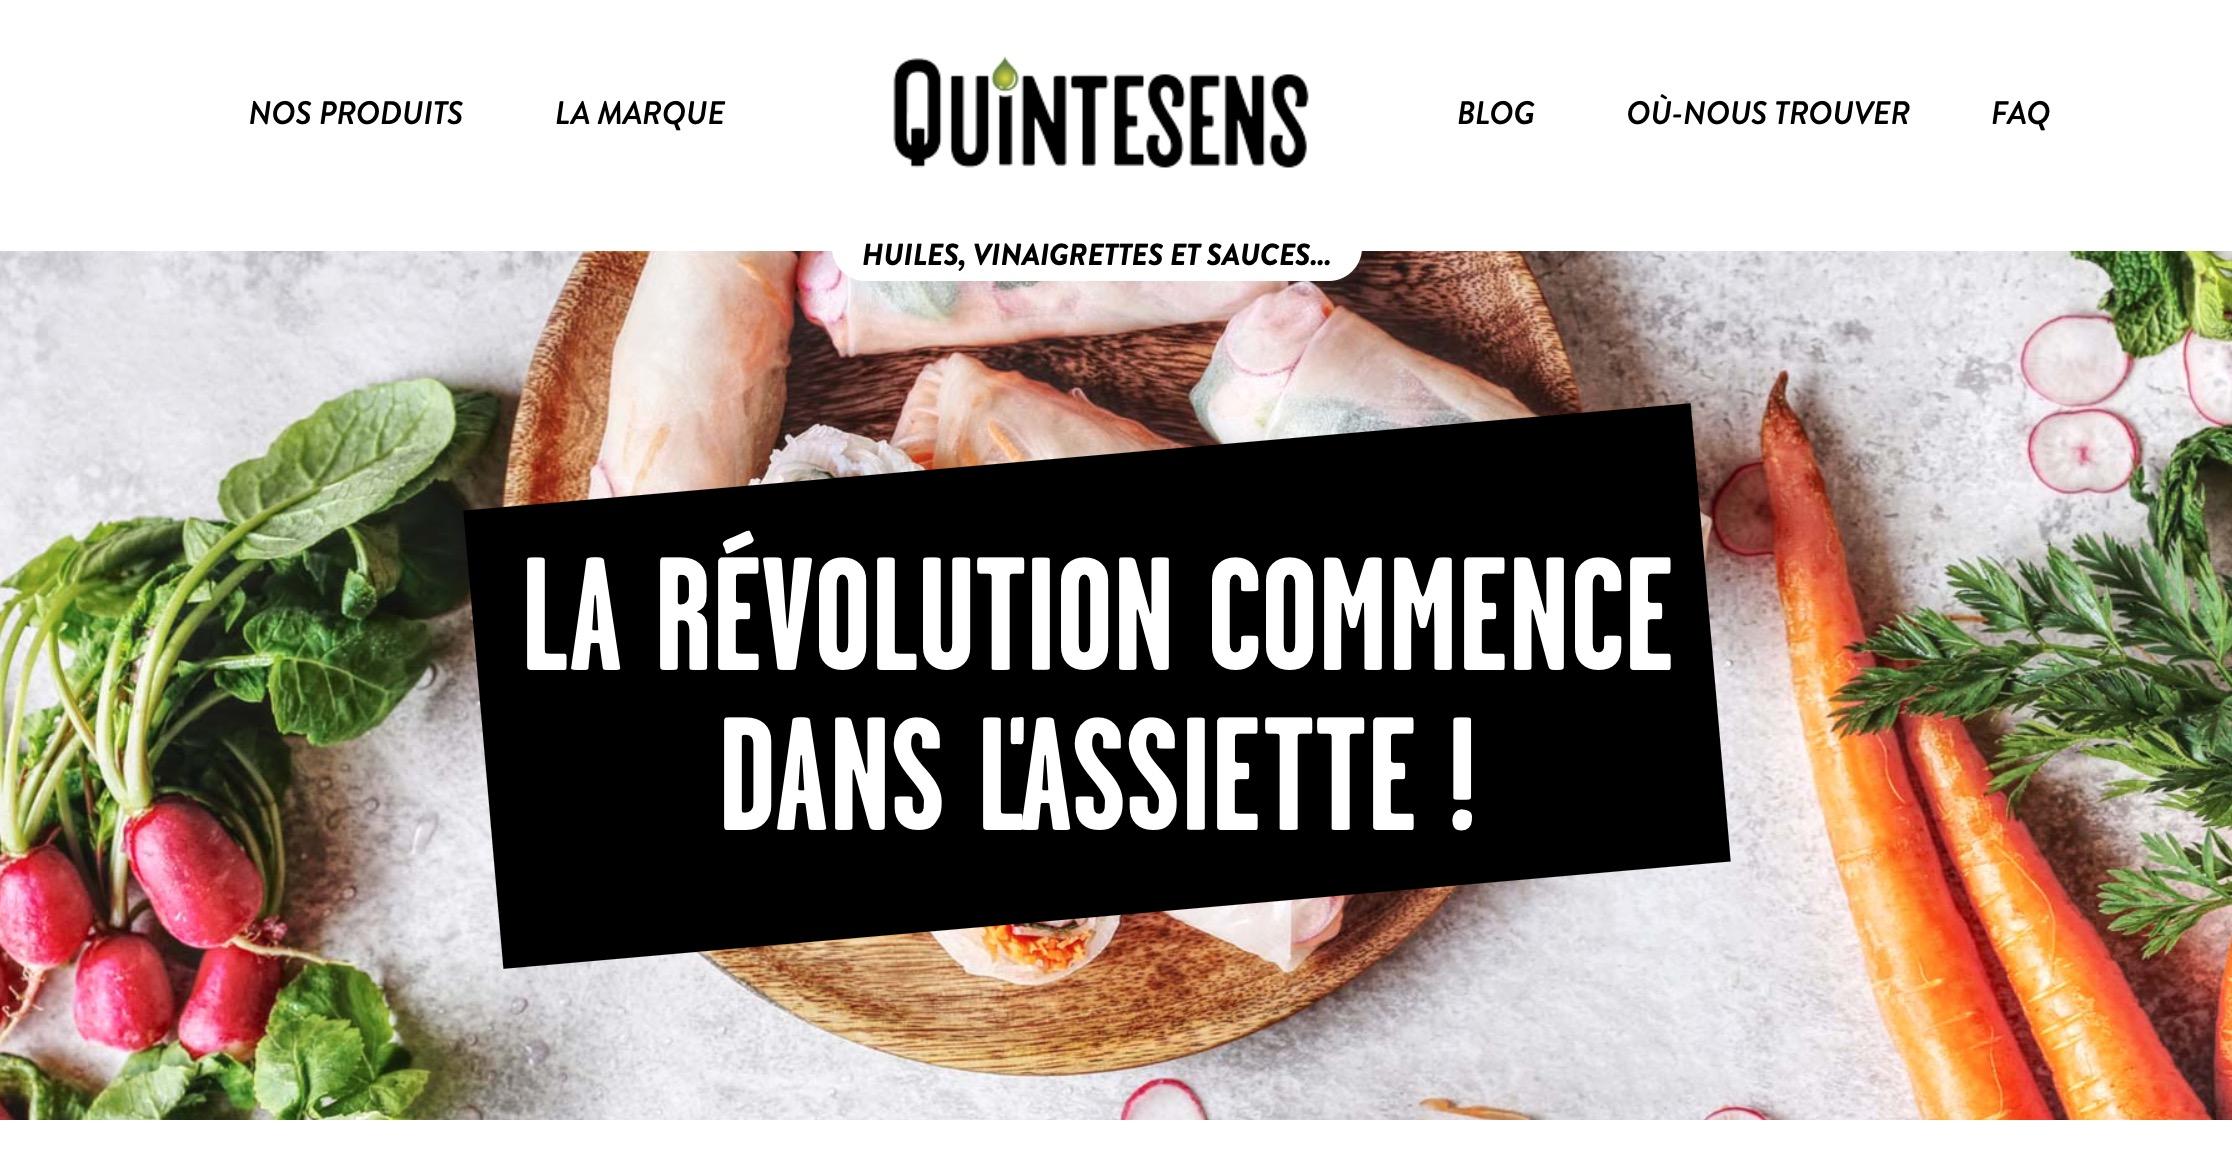 Capture d'écran 2020 06 28 à 11.33.09 - Interview Sébastien Loctin, Biofuture (Quintesens), membre de la Communauté Pour nourrir demain